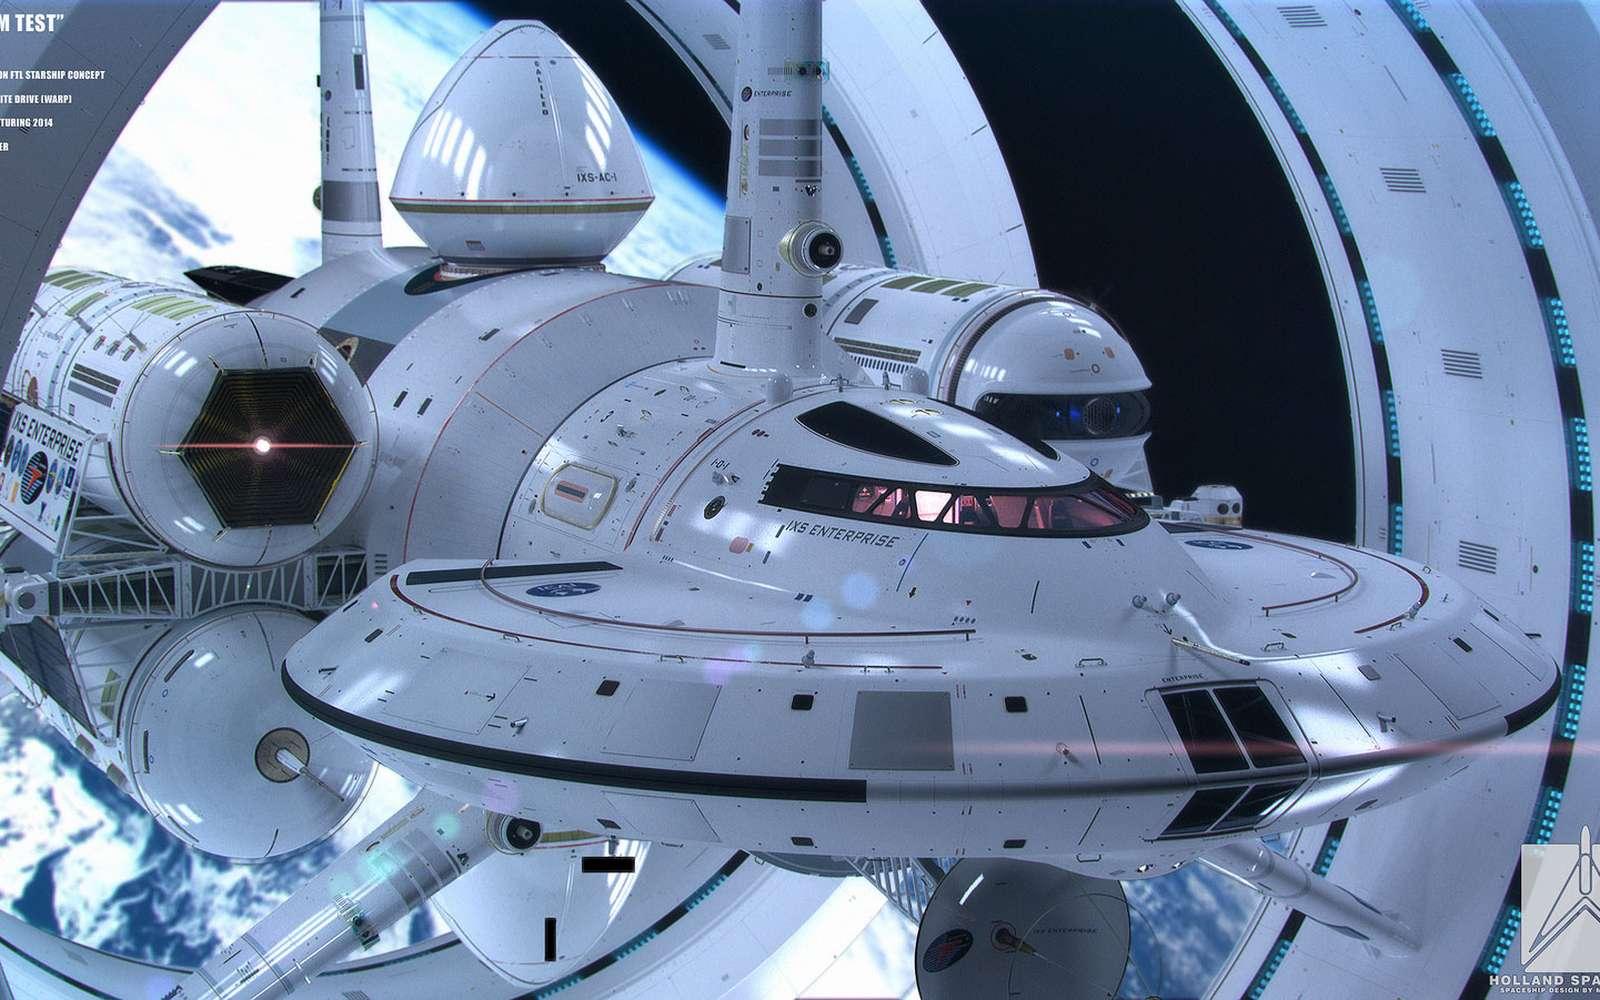 Concept de vaisseau spatial susceptible de voyager à des vitesses dépassant celle de la lumière, réalisé par Mark Rademaker d'après une étude de Harold White. © Mark Rademaker